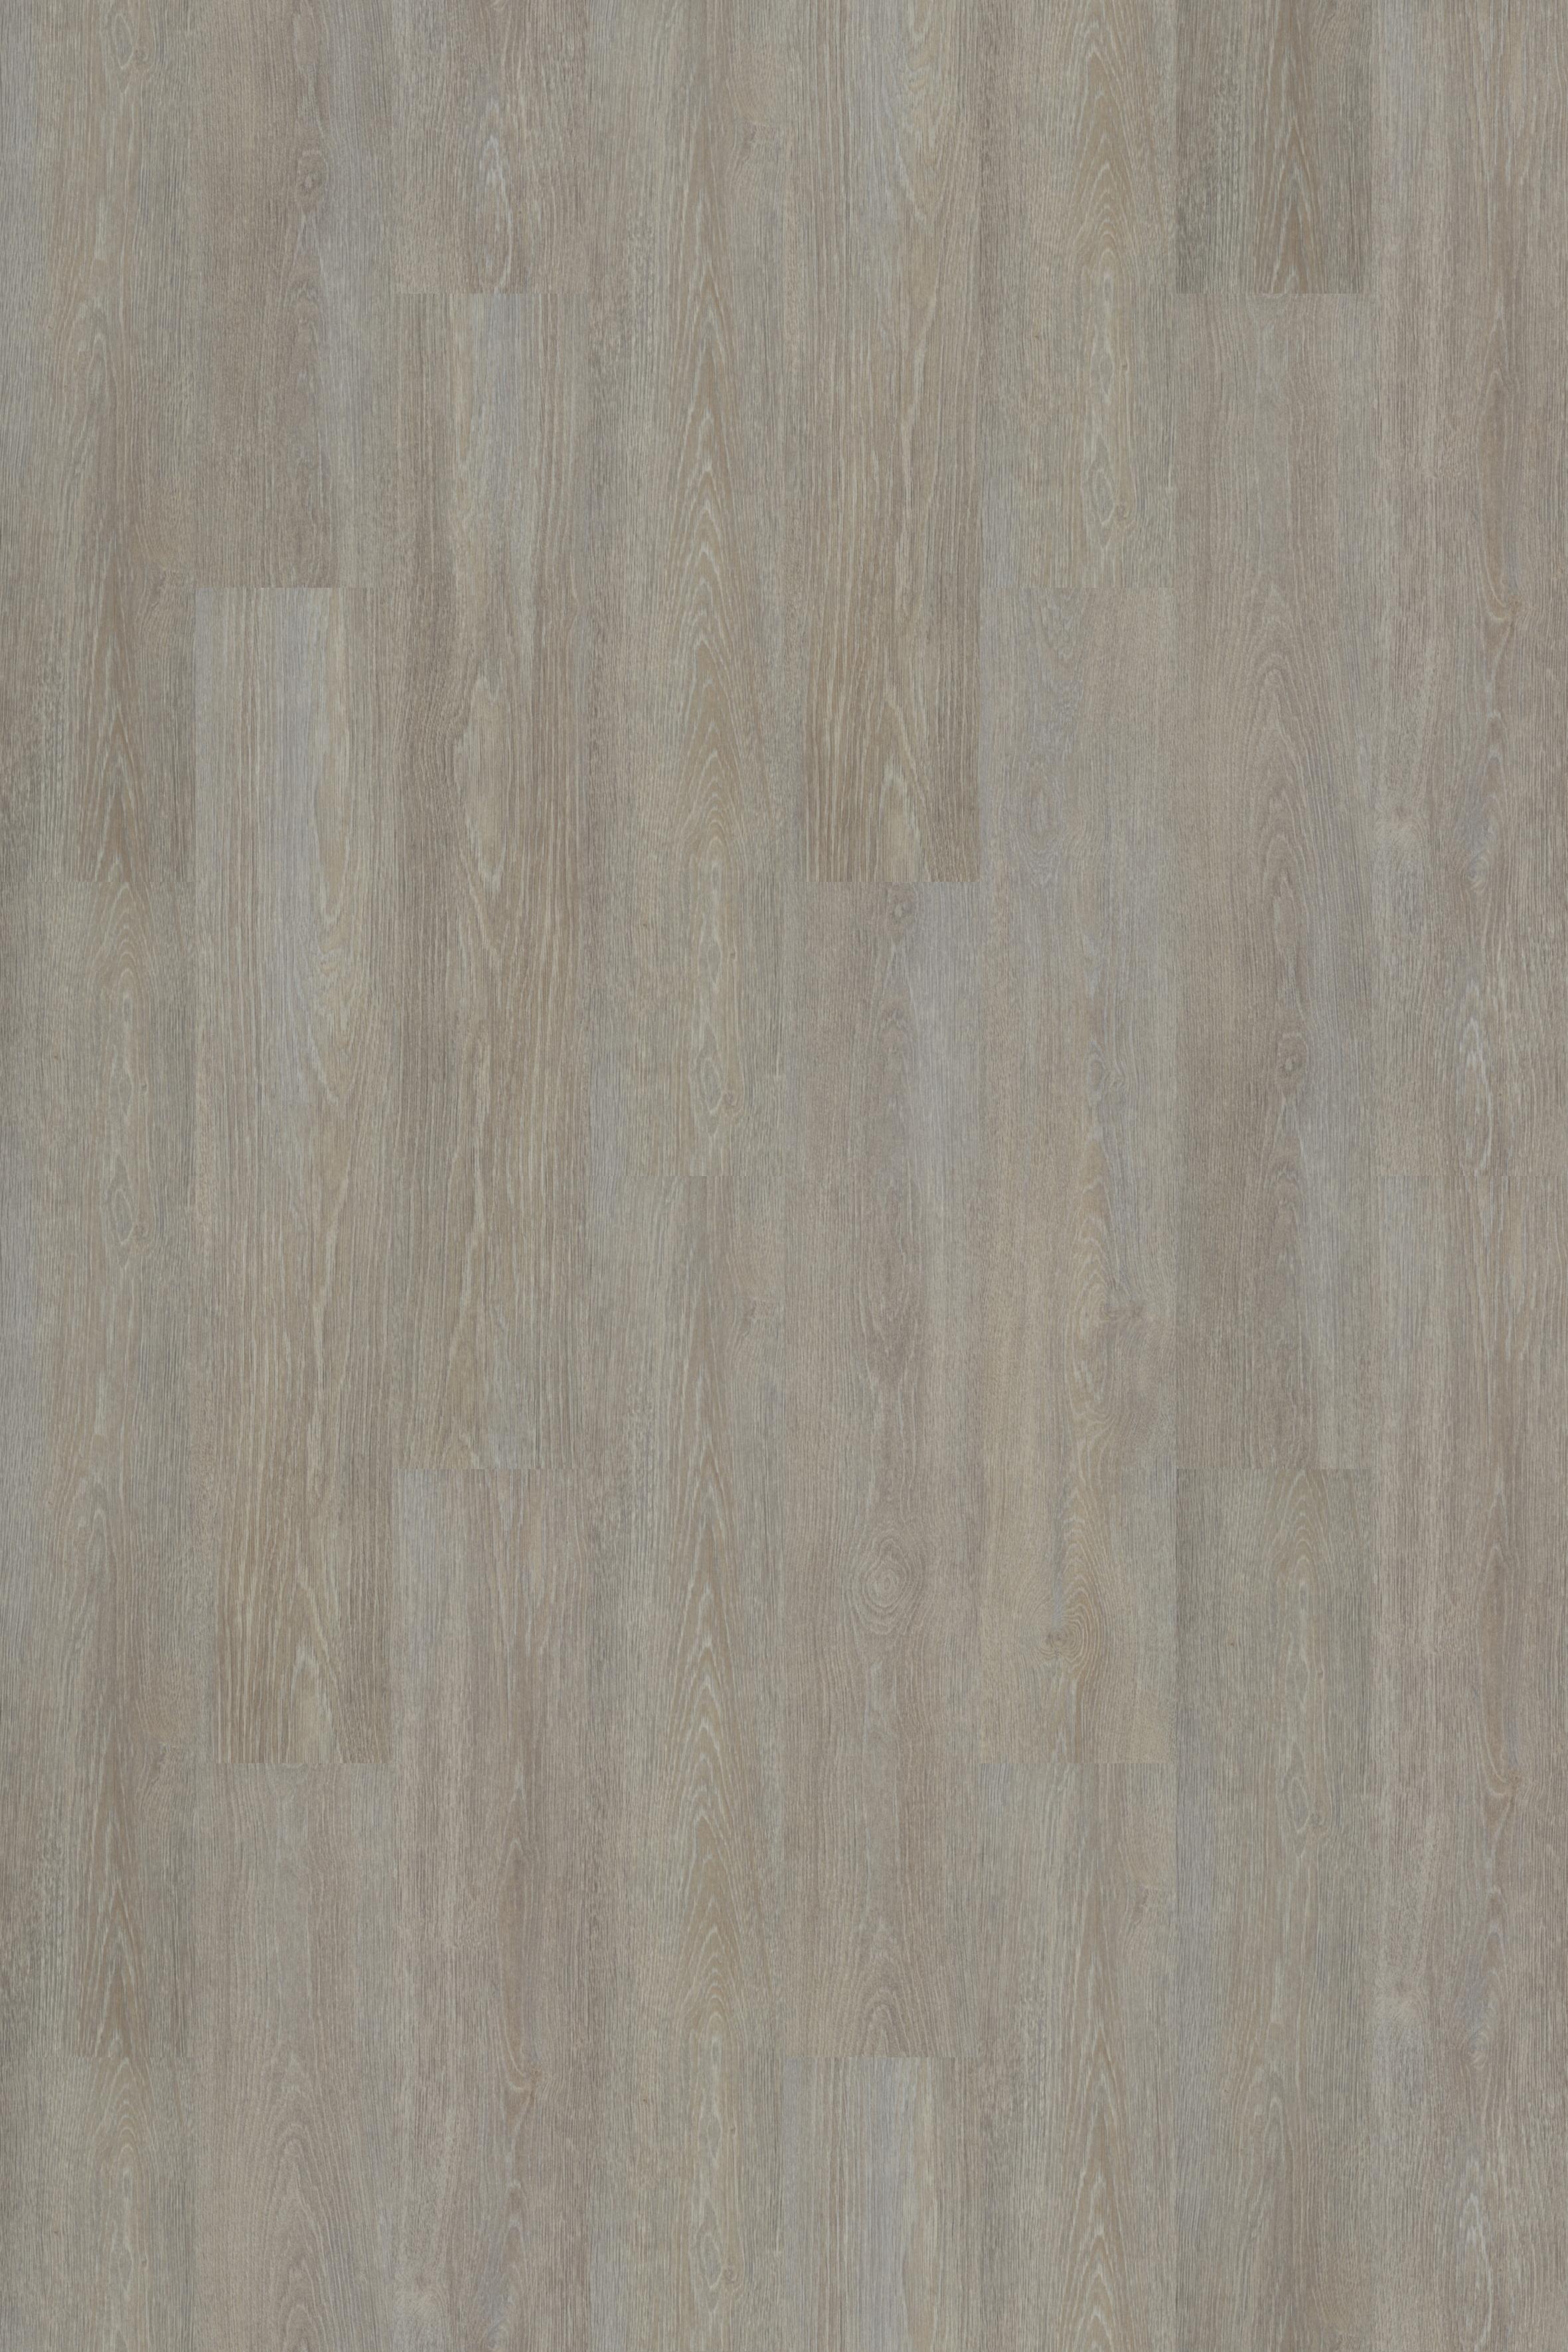 Allura Click Lvt Forbo Flooring Systems